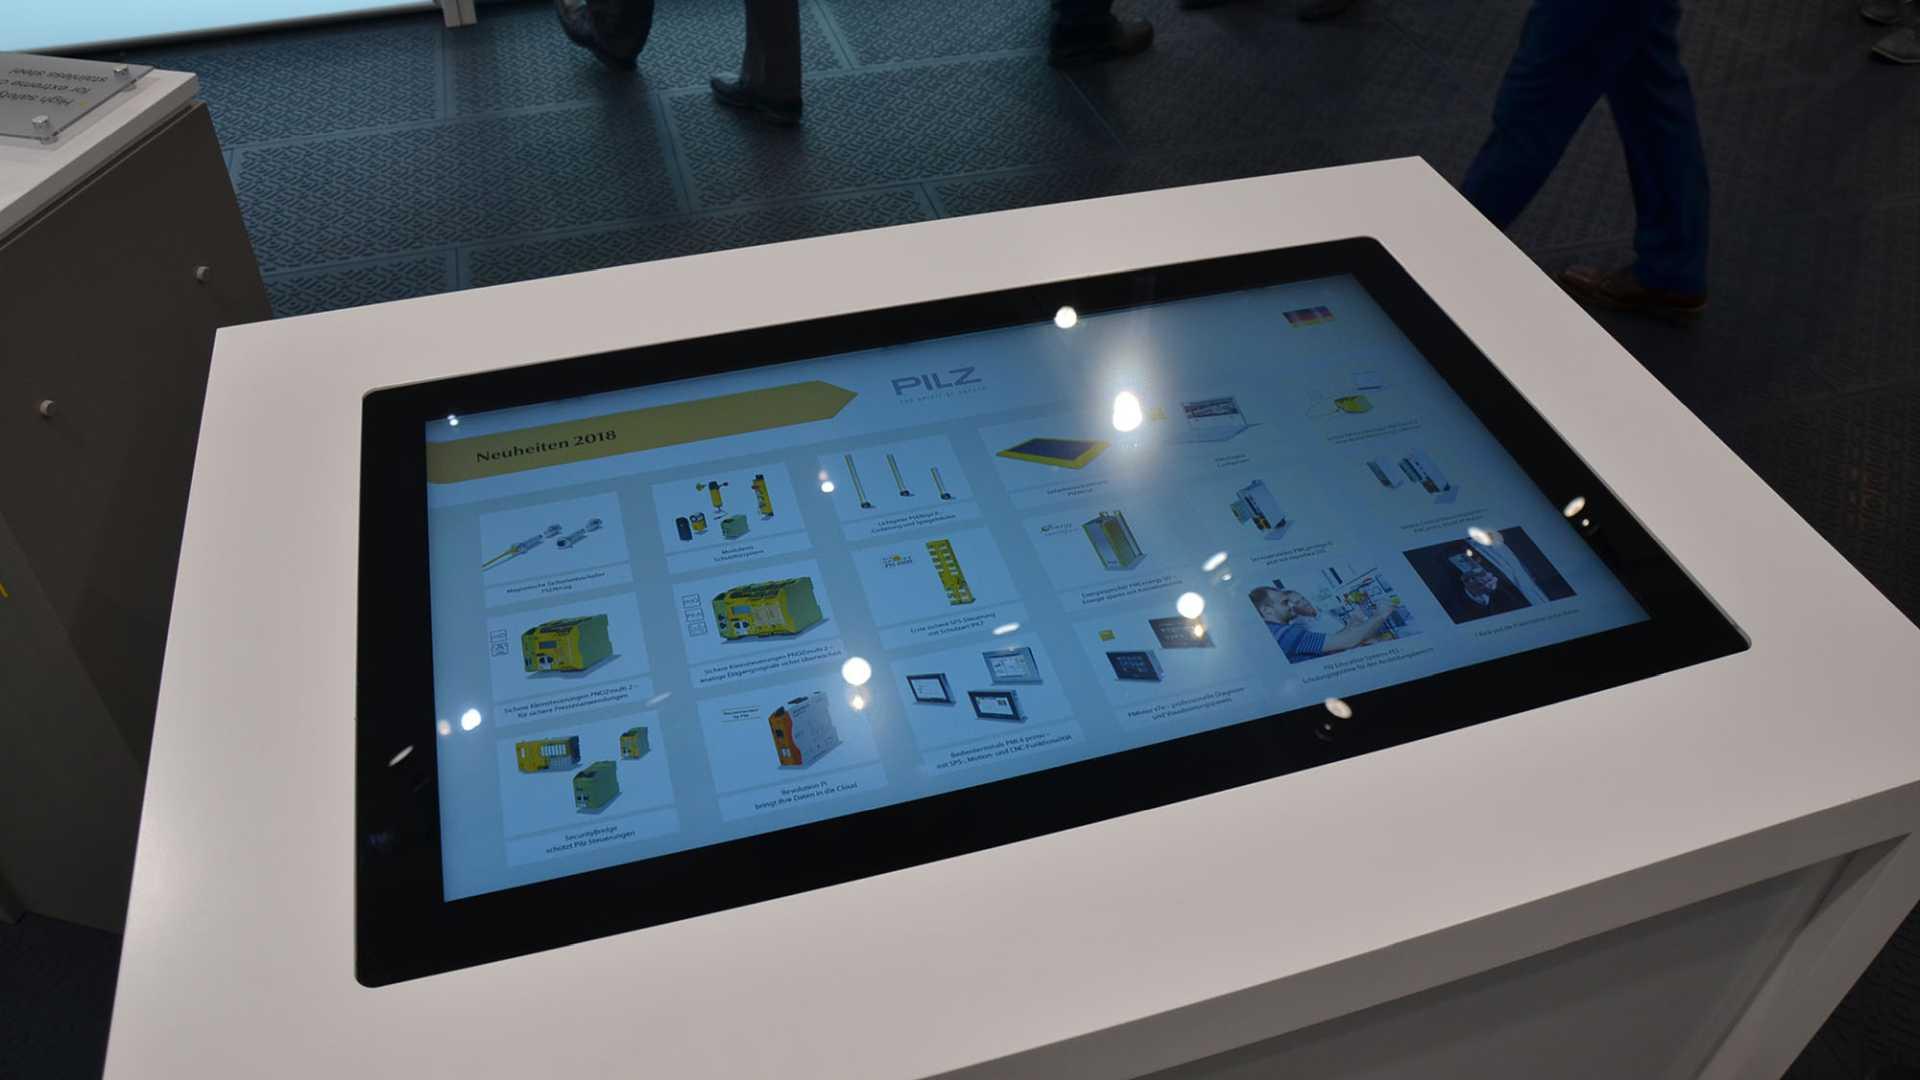 Präsentation auf Touch Table mit digitalem Produkt-Katalog von commalive für PILZ